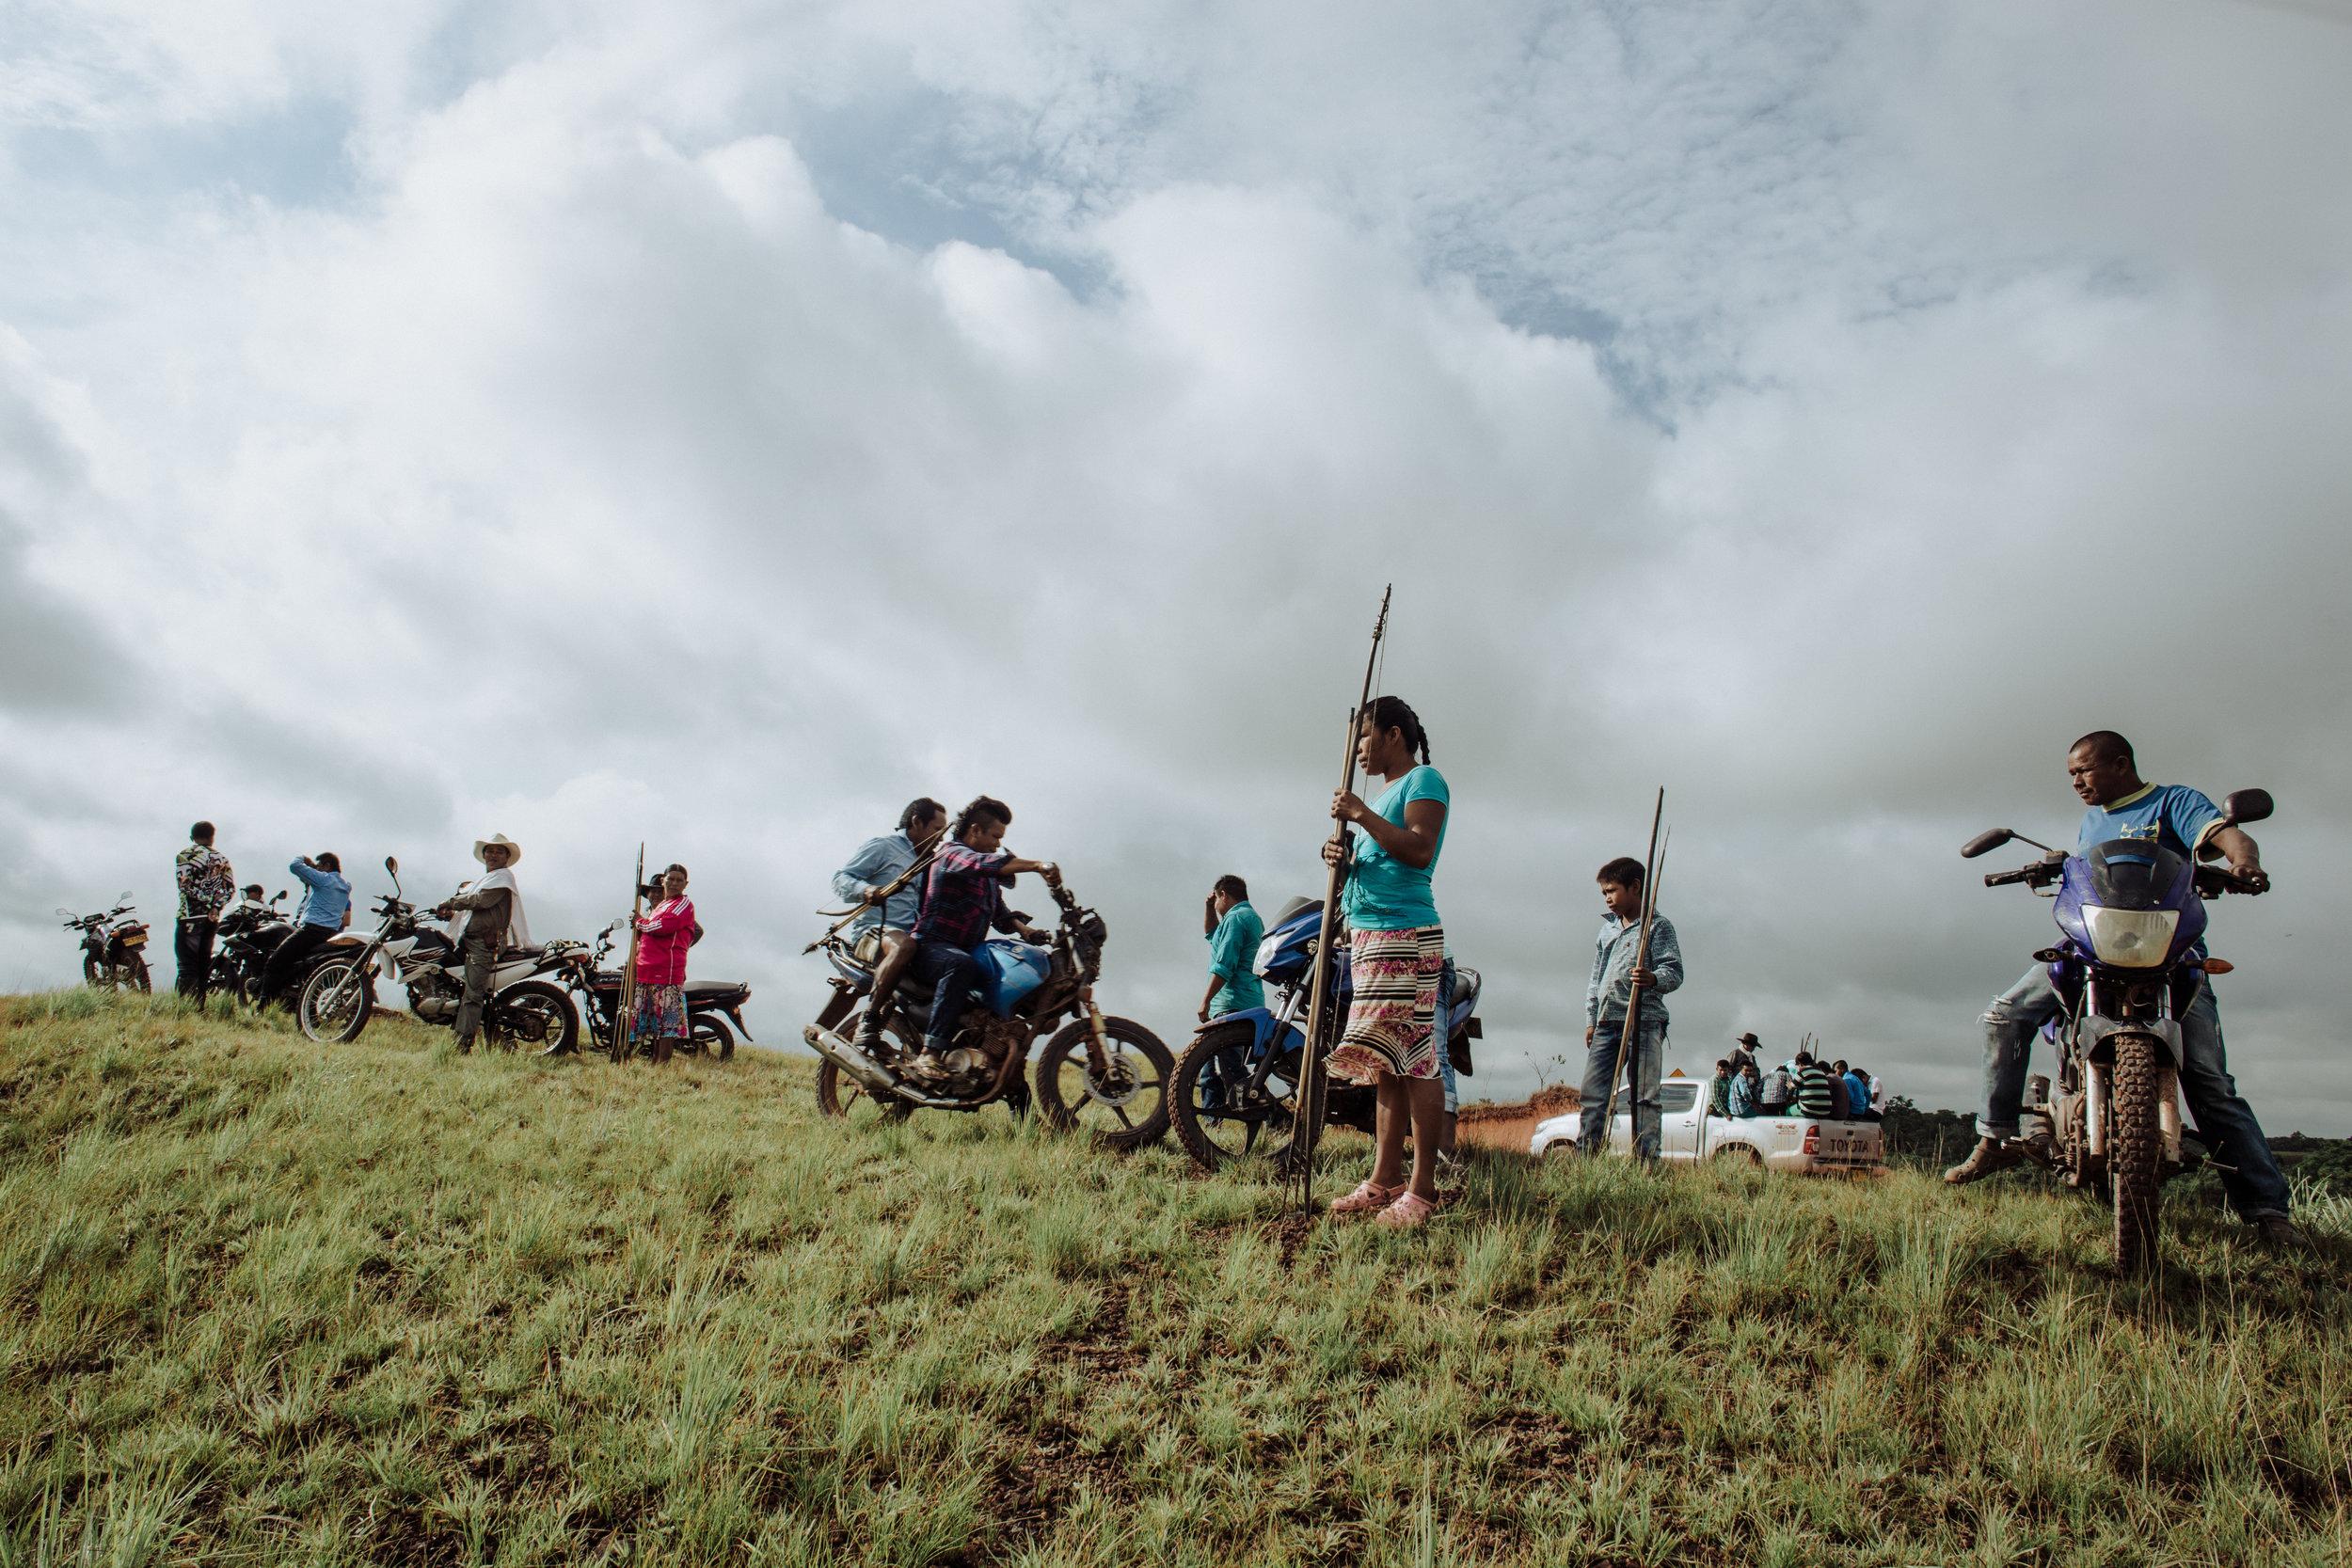 - Comunidad Sikuani observando las construcciones   del Campo Quifa. | Fotografía: Alejandra Muñoz Ruiz - Aica Colectivo.